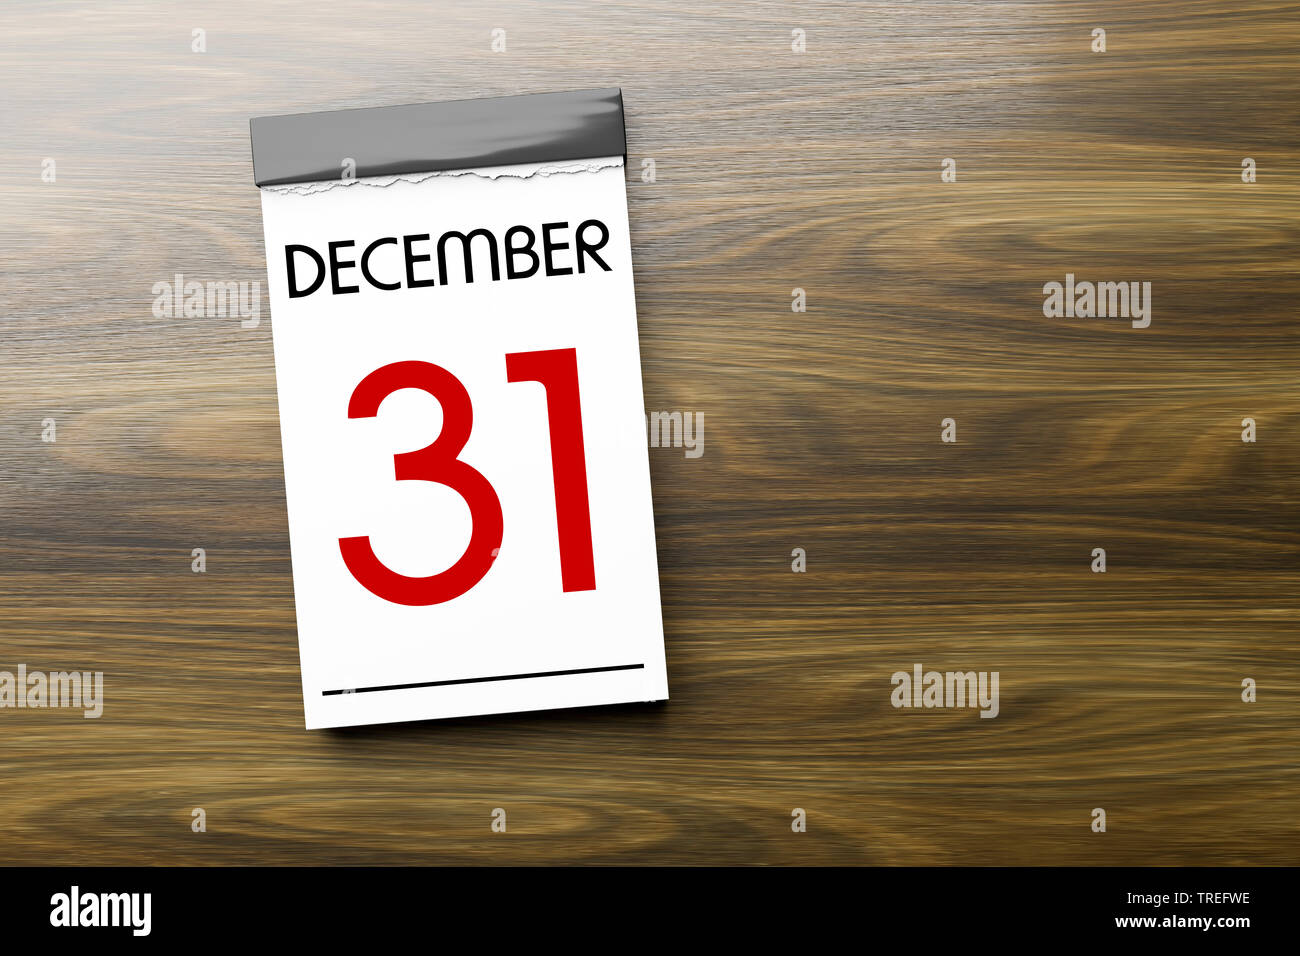 Abreisskalender mit Aufschrift DECEMBER 31 (31 Dezember) | Tear-off calendar lettering DECEMBER 31 | BLWS525594.jpg [ (c) blickwinkel/McPHOTO/M. Gann - Stock Image